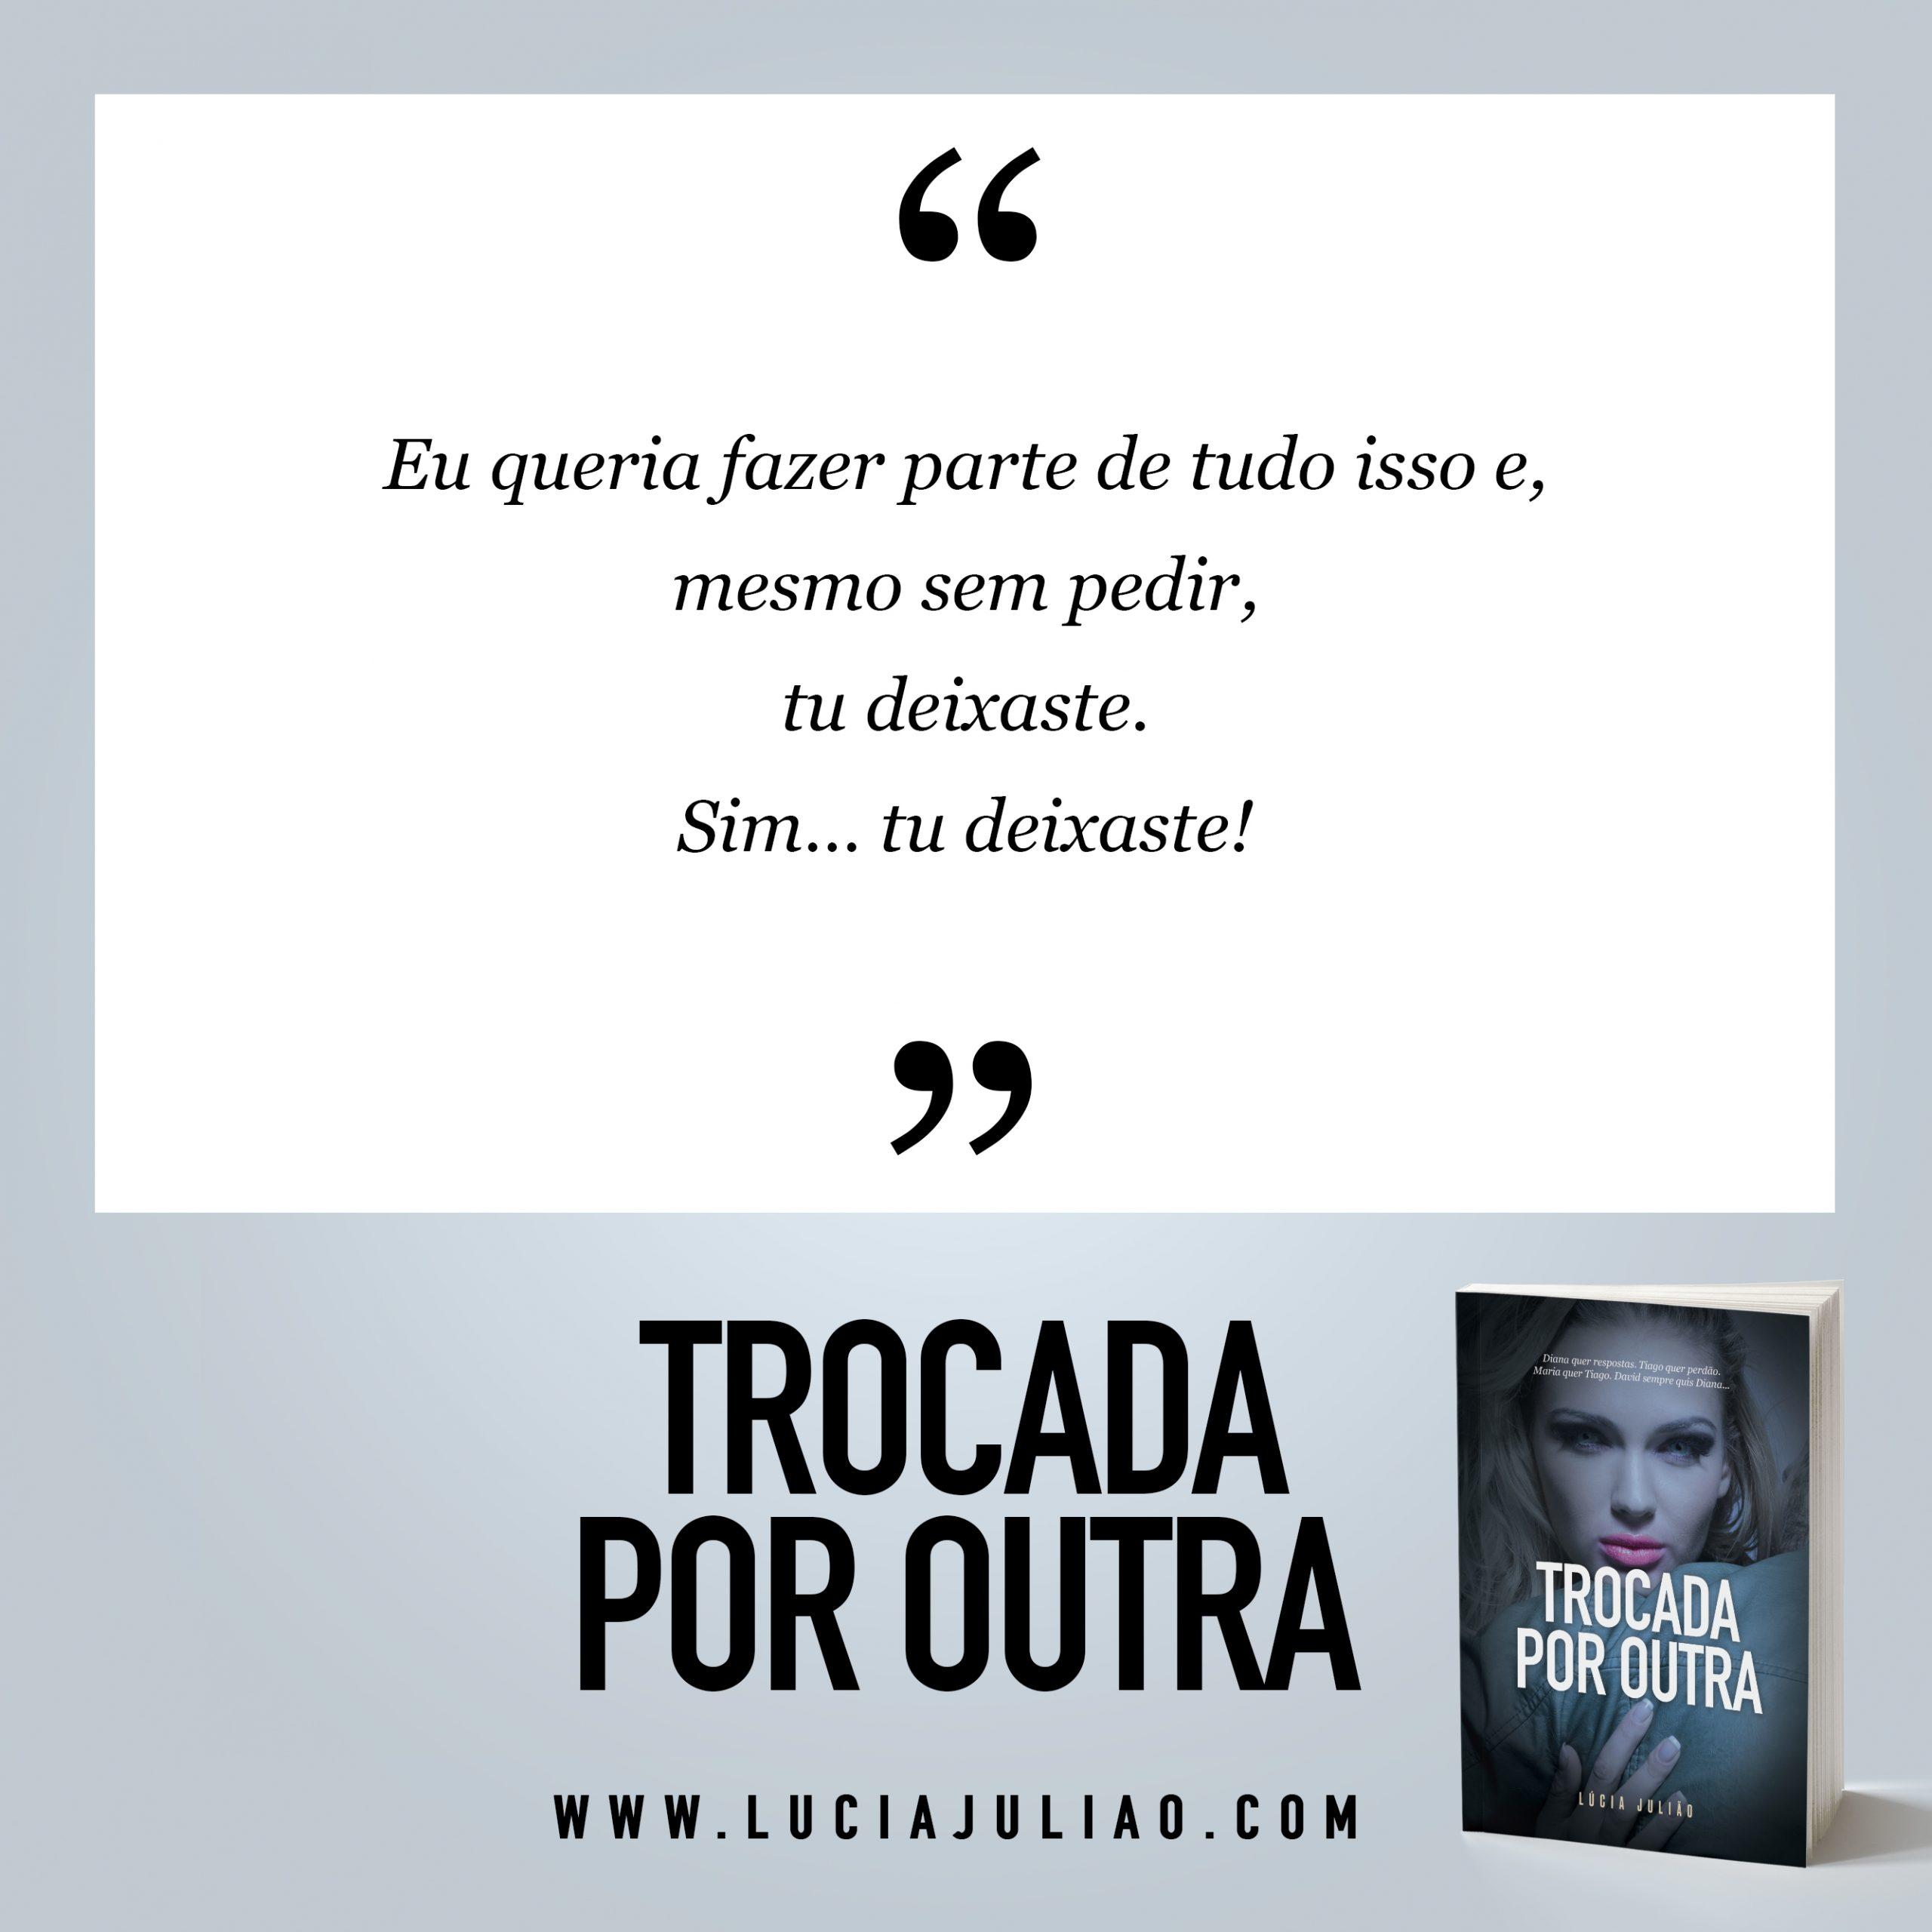 047Q - capitulo 15 Trocada por outra - Lúcia Julião